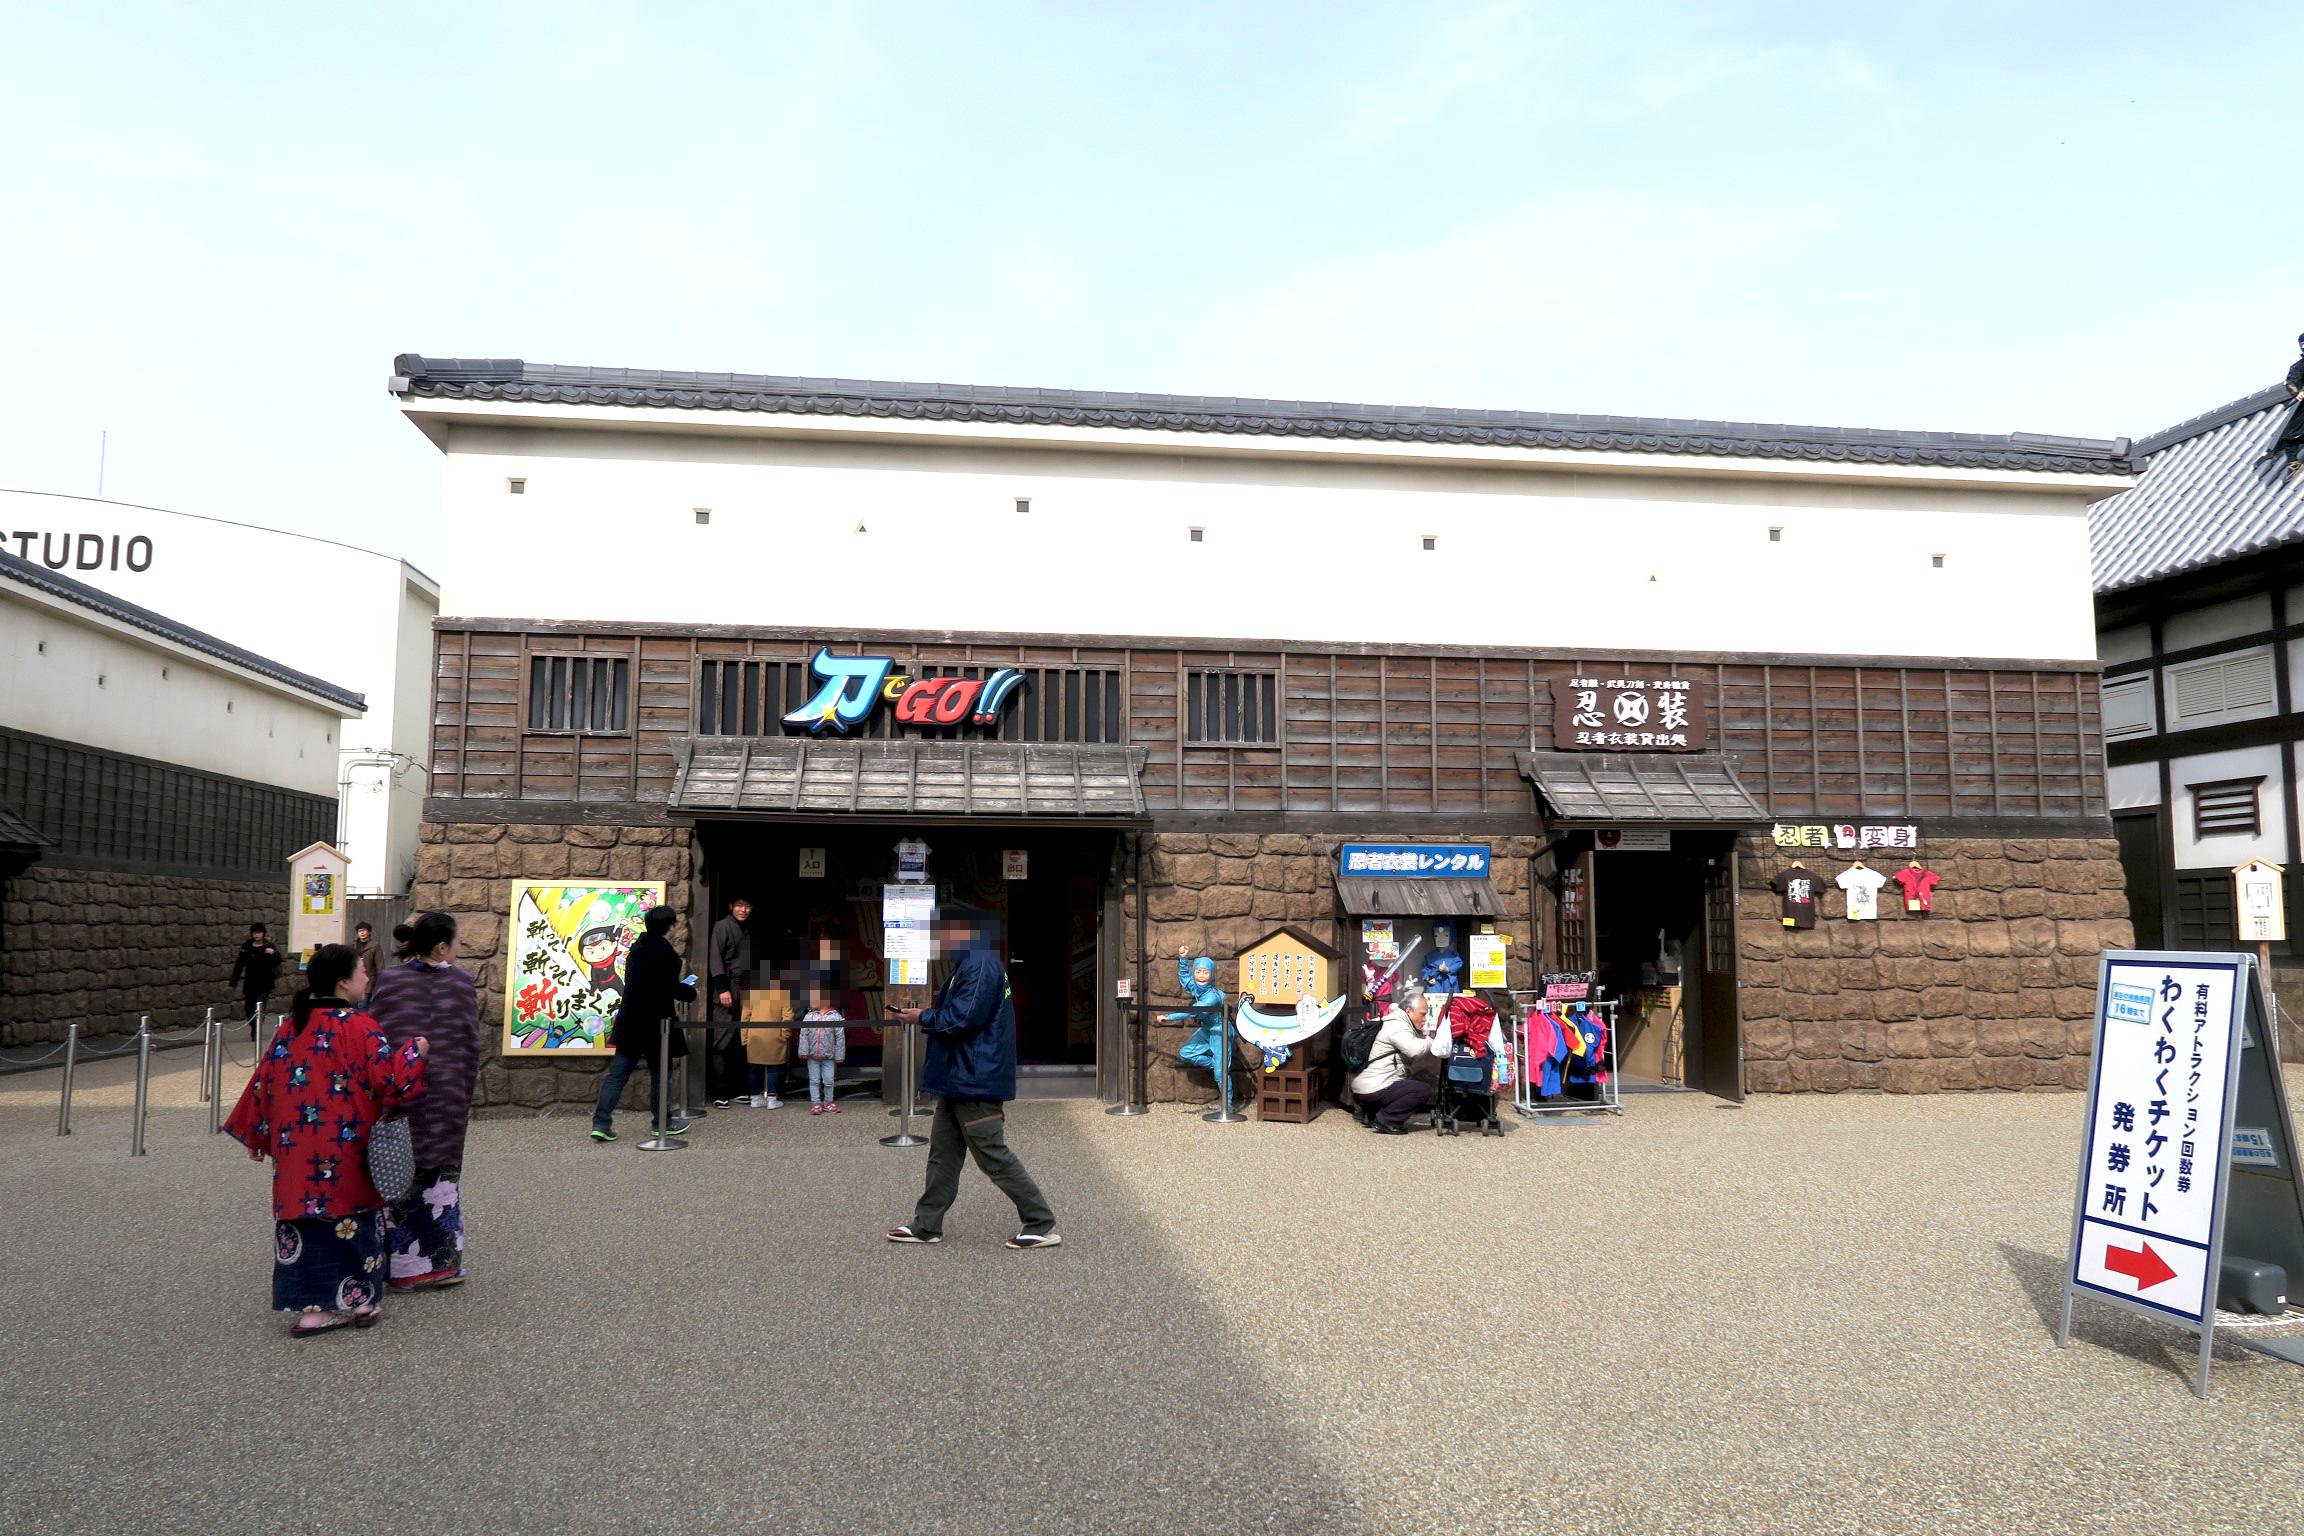 一番最初に訪れた施設は、17.3.18にオープンしたばかりの「刀でGO!」。子供は大喜び!